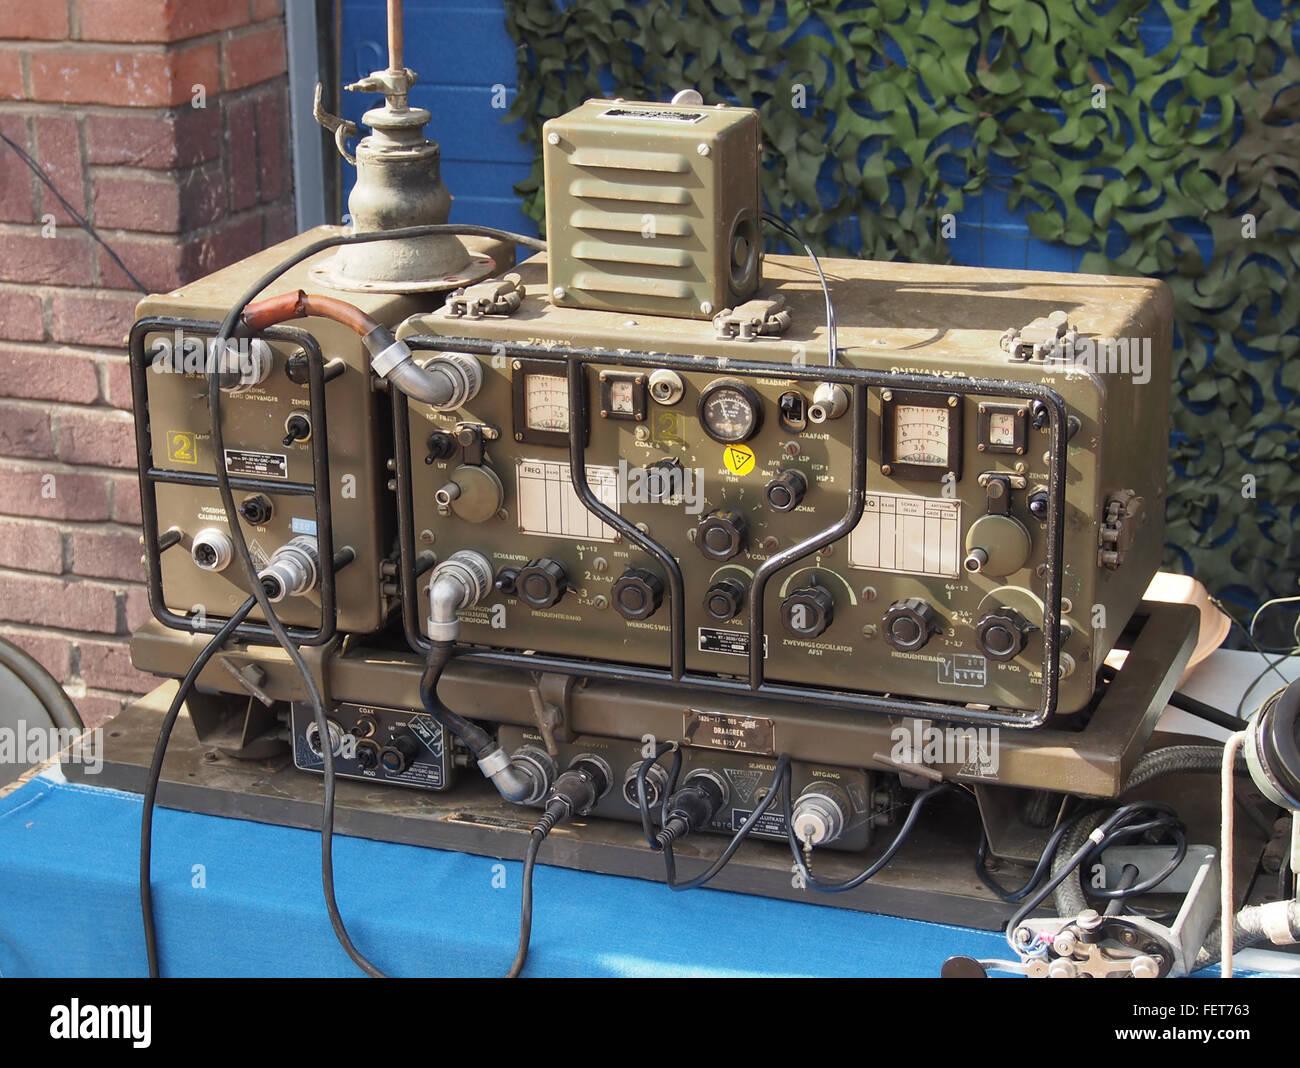 Oude radio zender-ontvanger van Koninklijke Landmacht - Stock Image